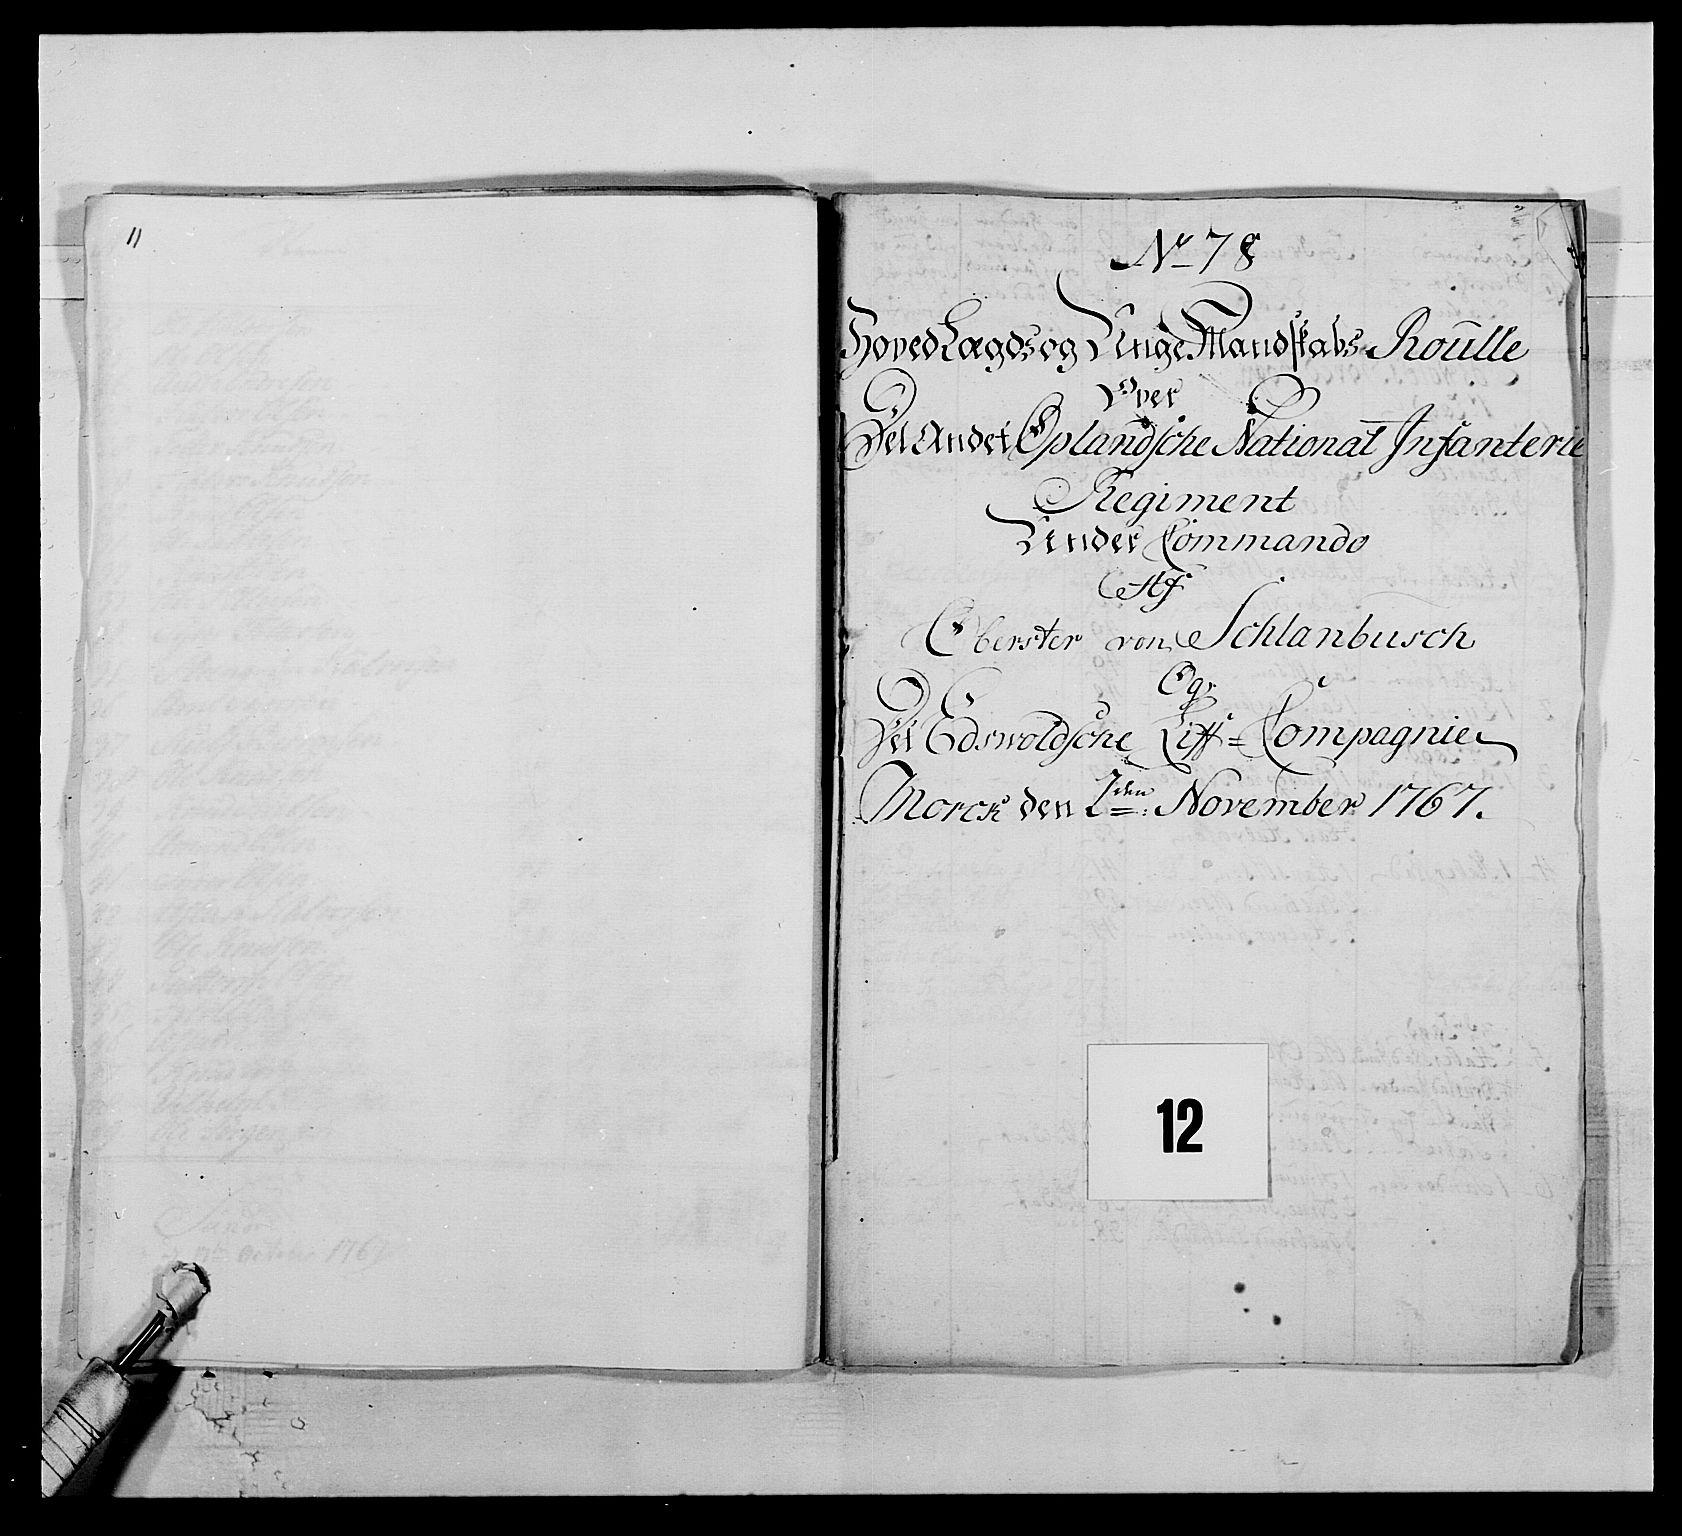 RA, Kommanderende general (KG I) med Det norske krigsdirektorium, E/Ea/L0507: 2. Opplandske regiment, 1766-1767, p. 257